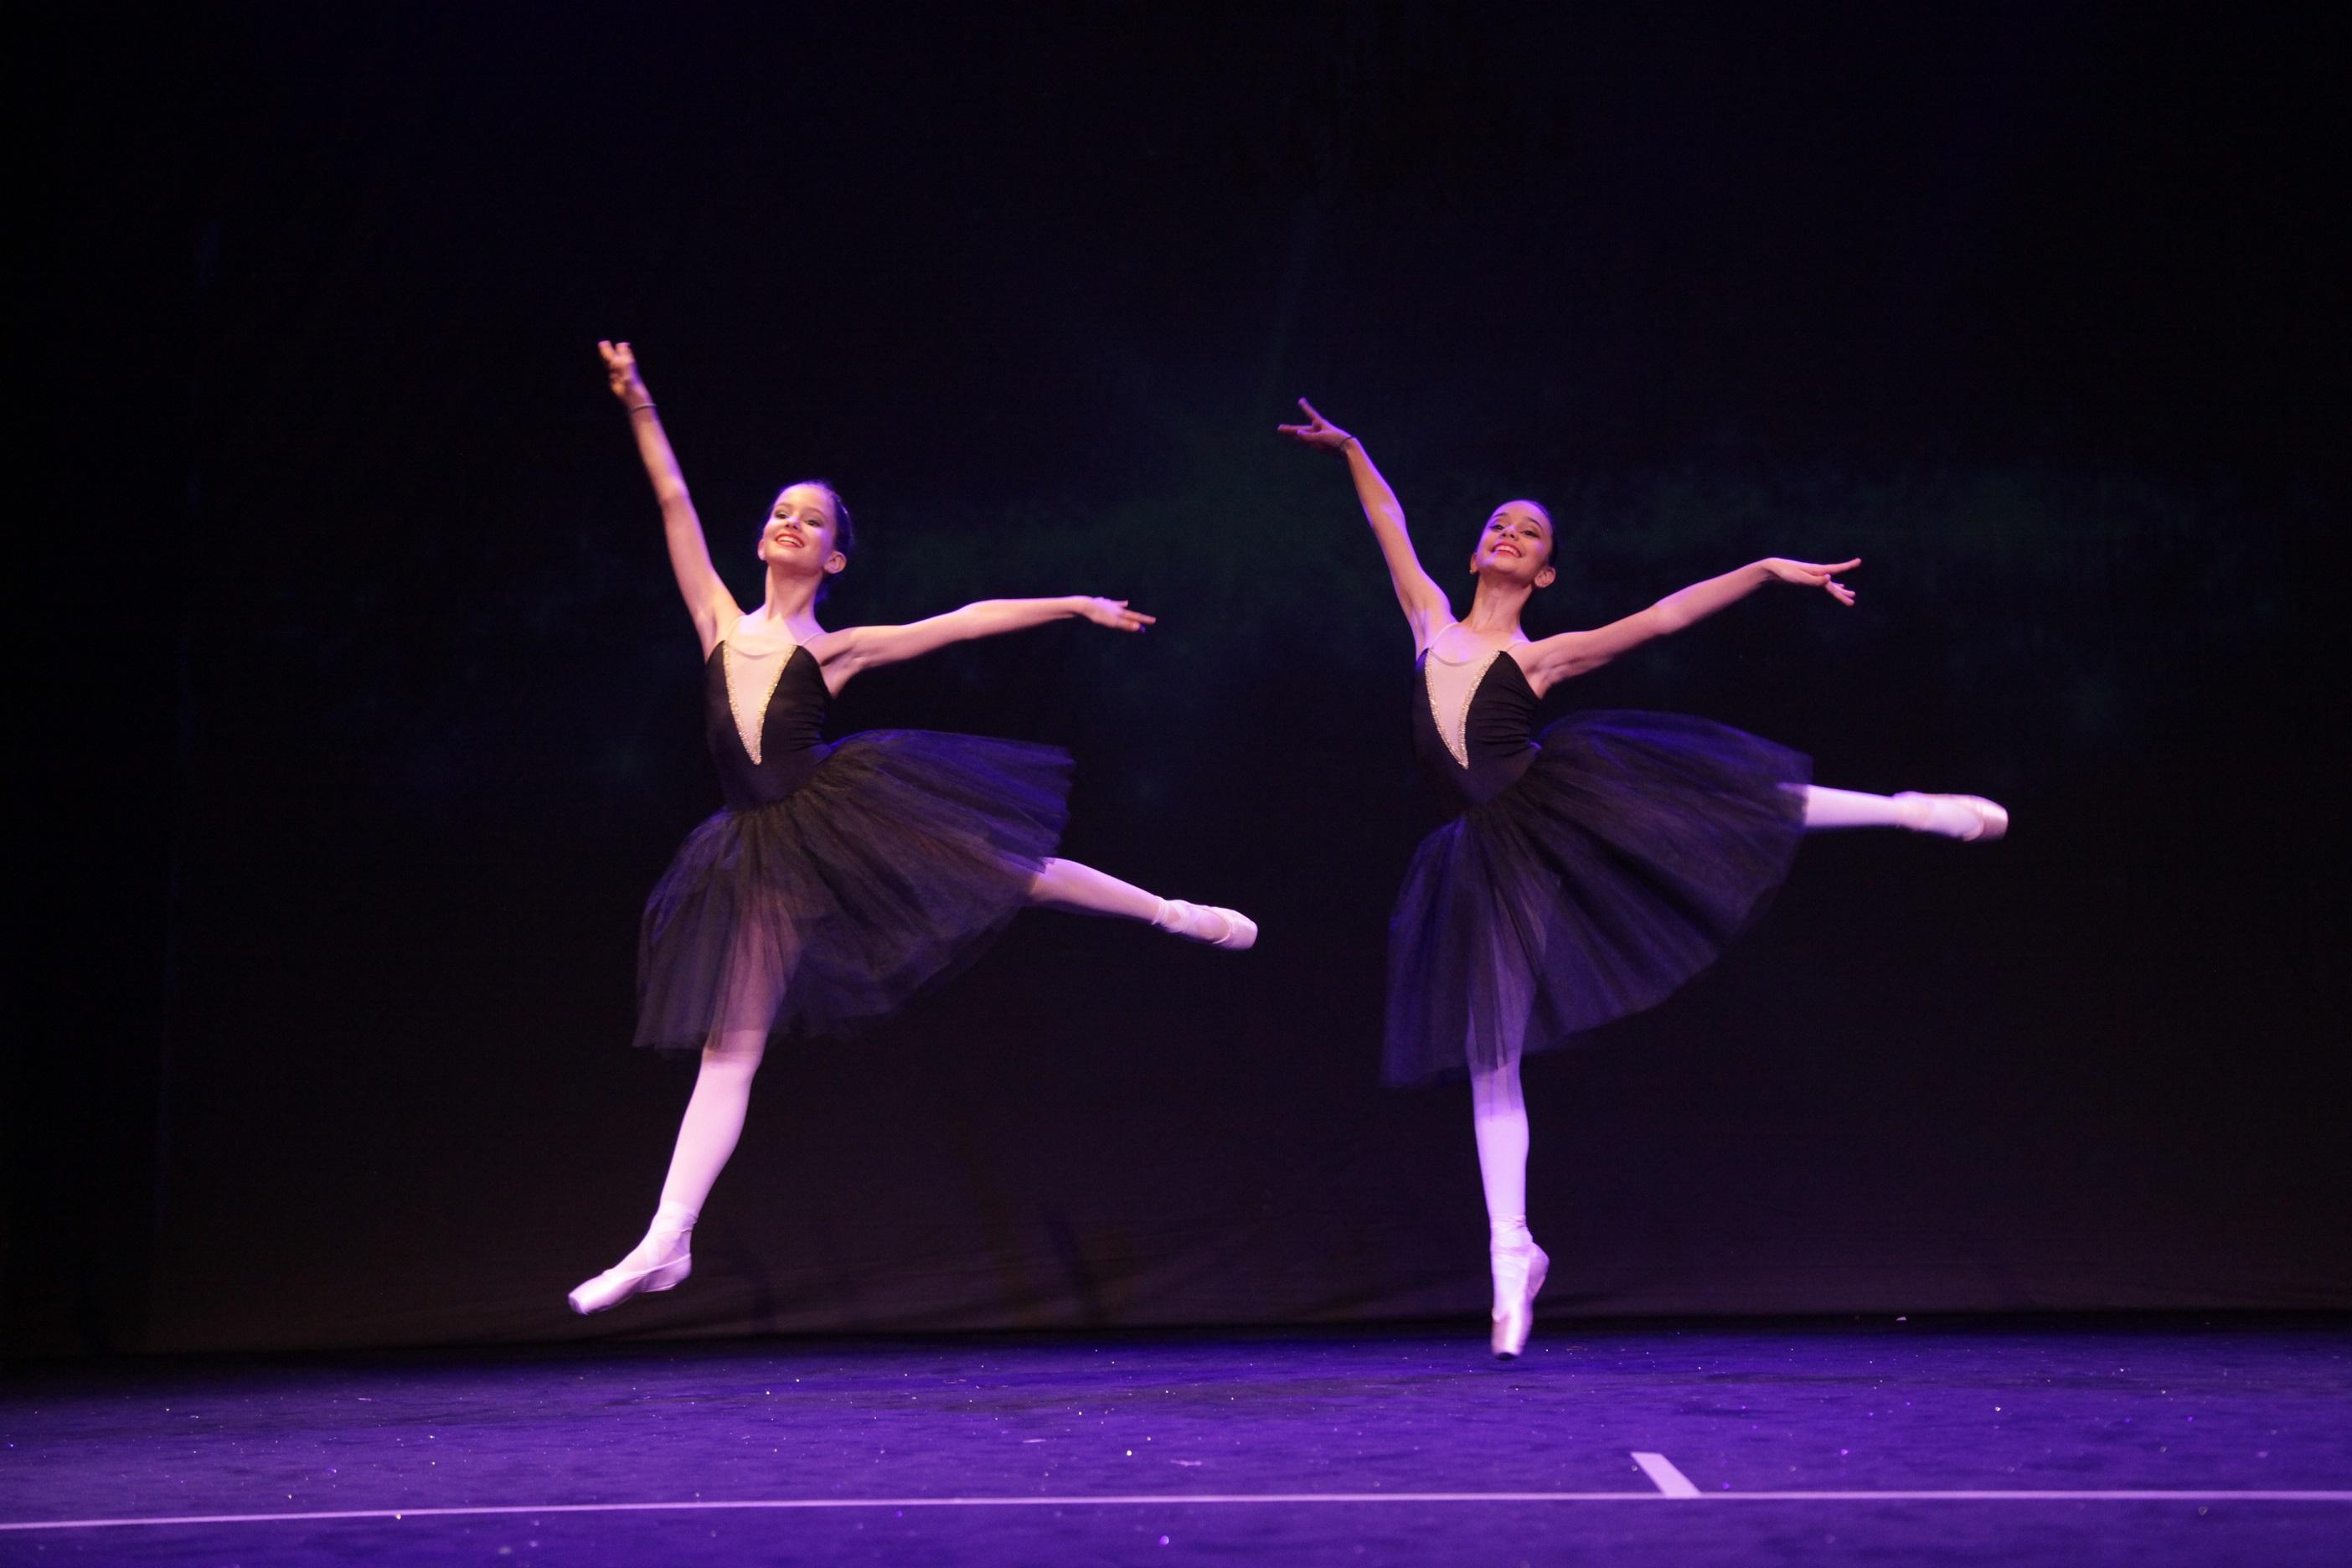 Ce trebuie să faci pentru a deveni un dansator profesionist?